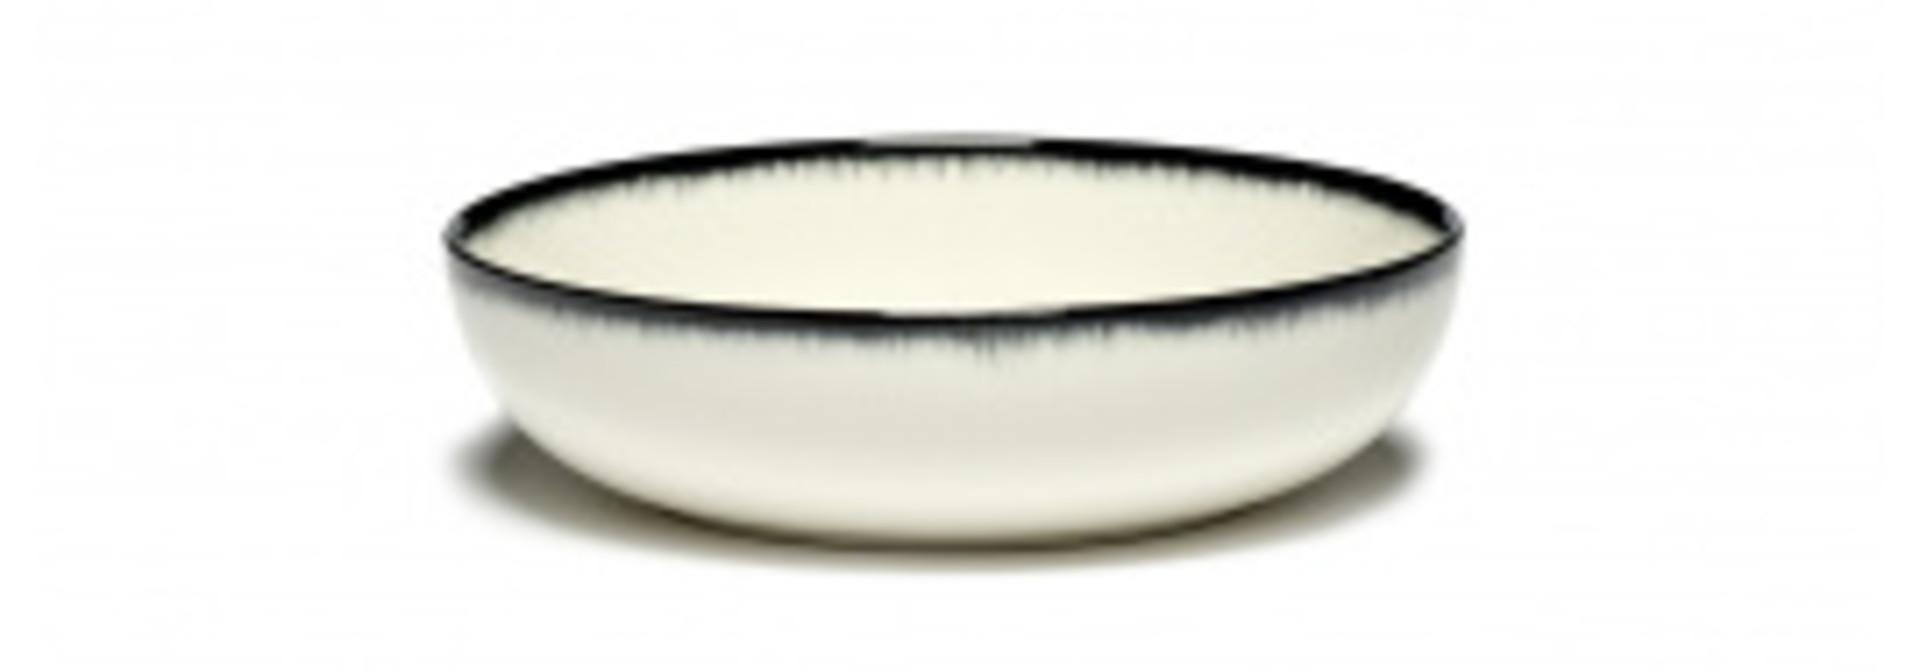 Soup Bowl -  Off wh. w/blk - B4019336-Var A